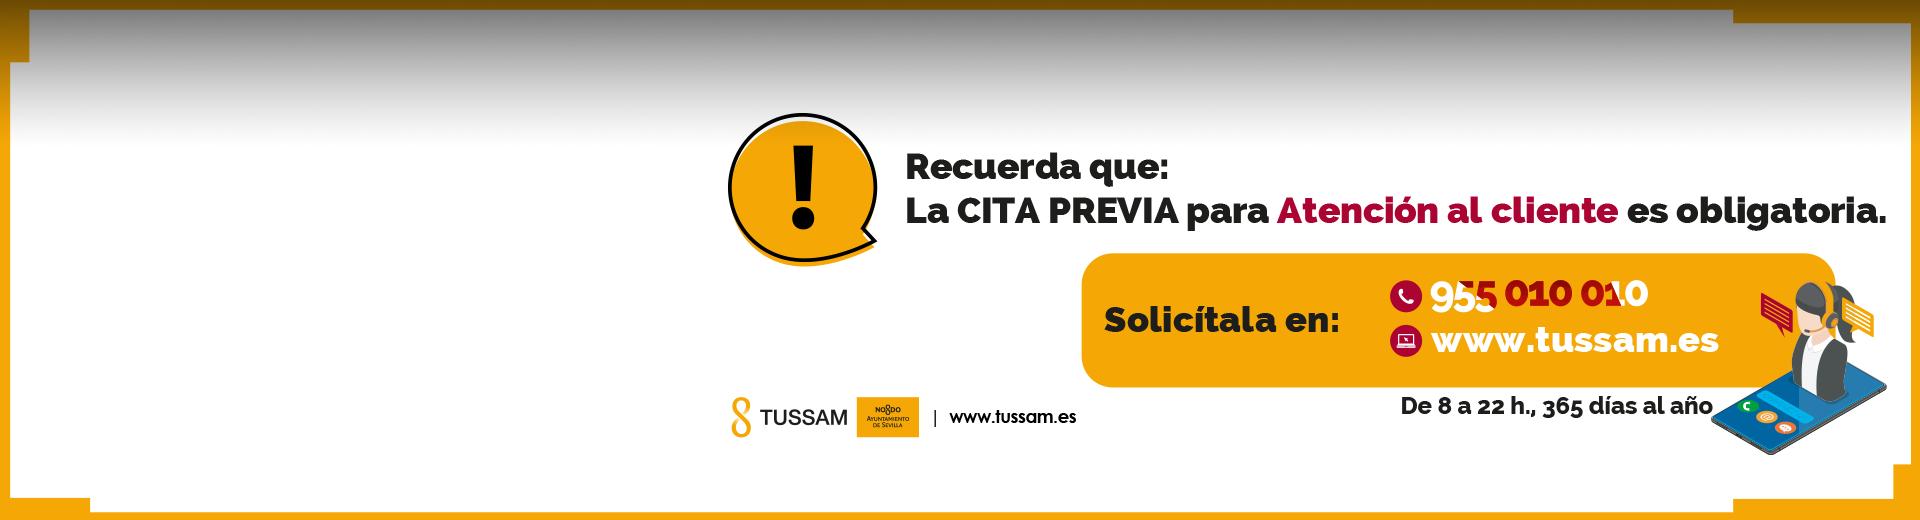 https://www.tussam.es/sites/default/files/revslider/image/Slider_1920_Alto520_2.png